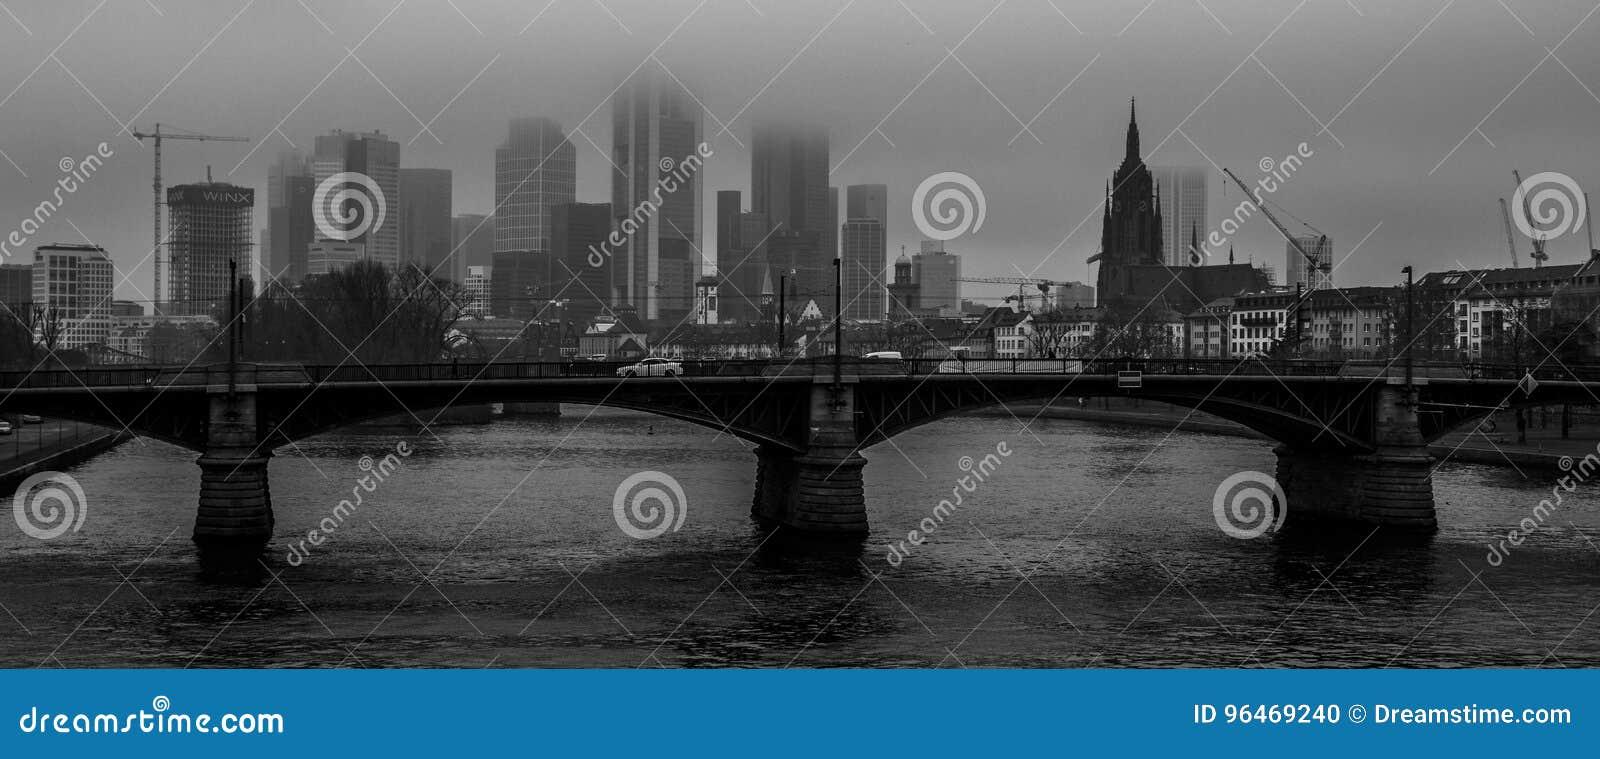 Panorama in bianco e nero sul fiume a Francoforte, Germania